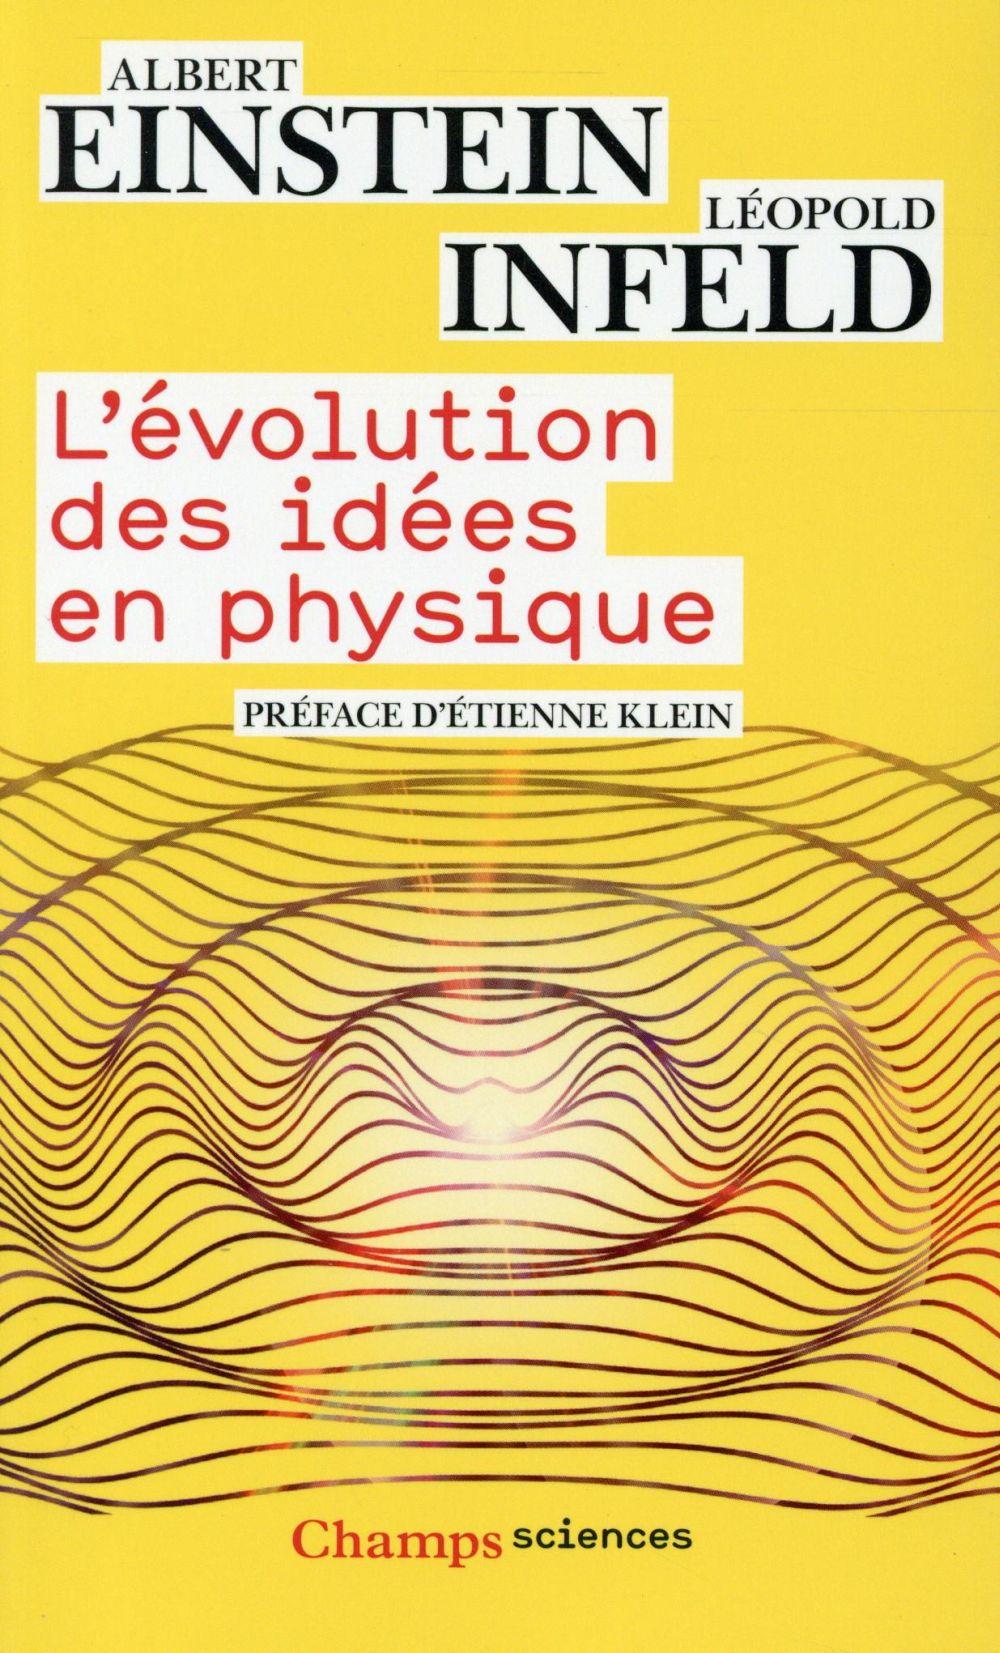 L'EVOLUTION DES IDEES EN PHYSIQUE - DES PREMIERS CONCEPTS AUX THEORIES DE LA RELATIVITE ET DES QUANT